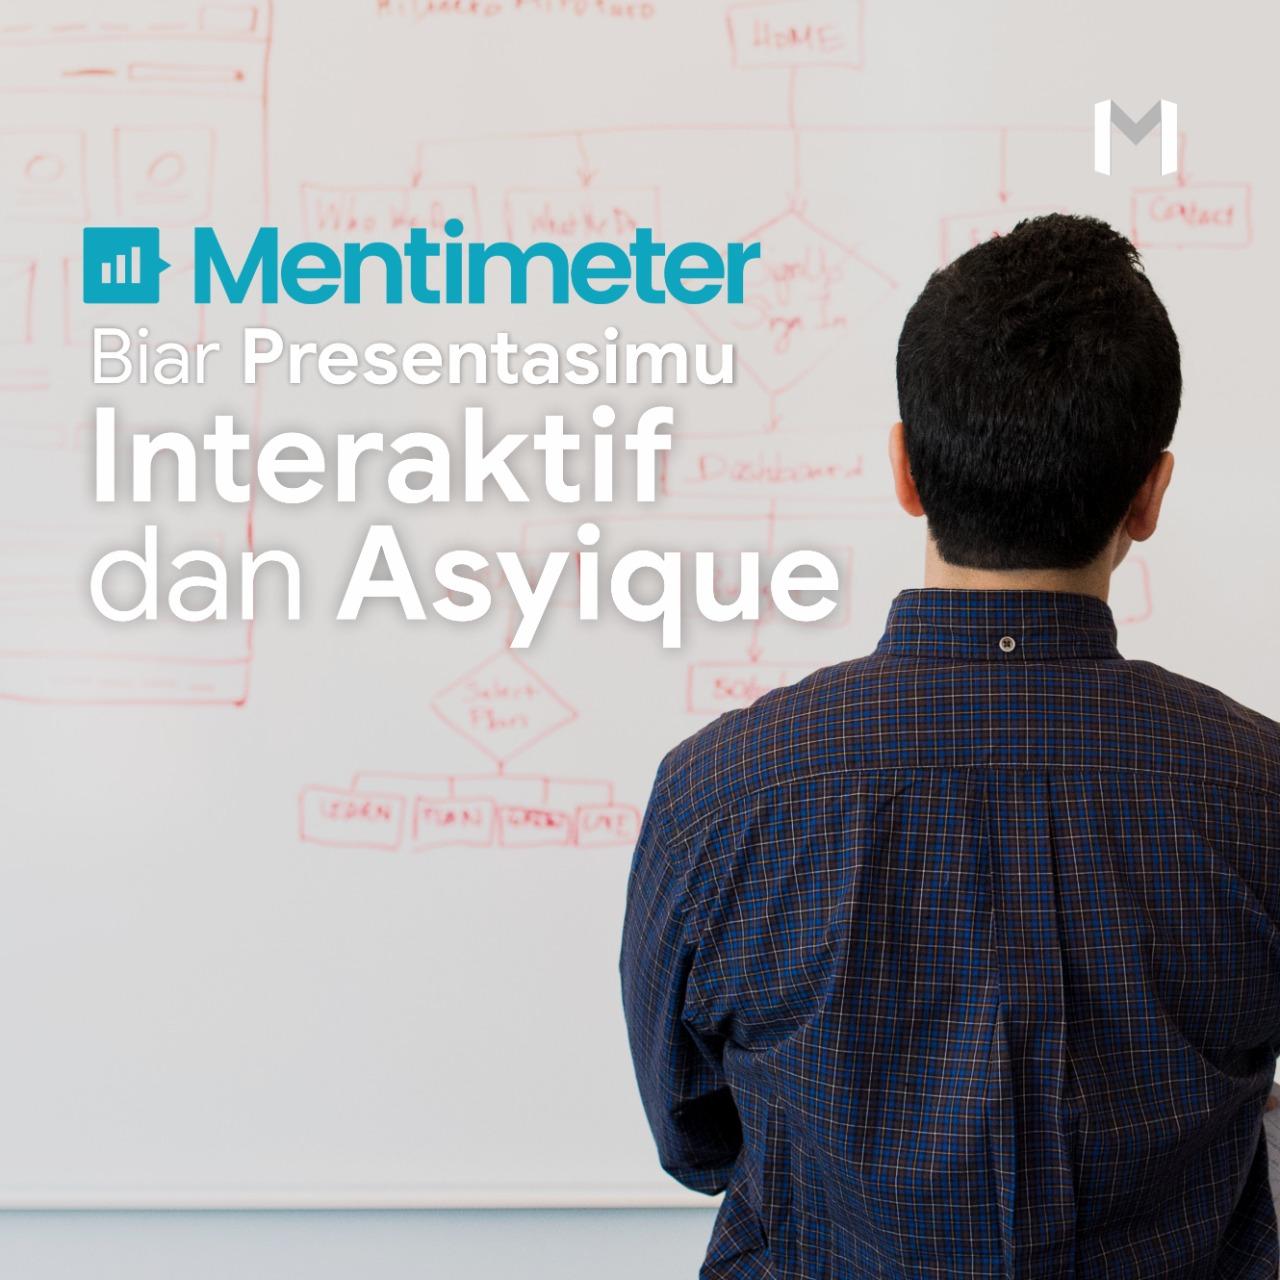 Mentimeter, Biar Presentasimu Interaktif dan Asyique